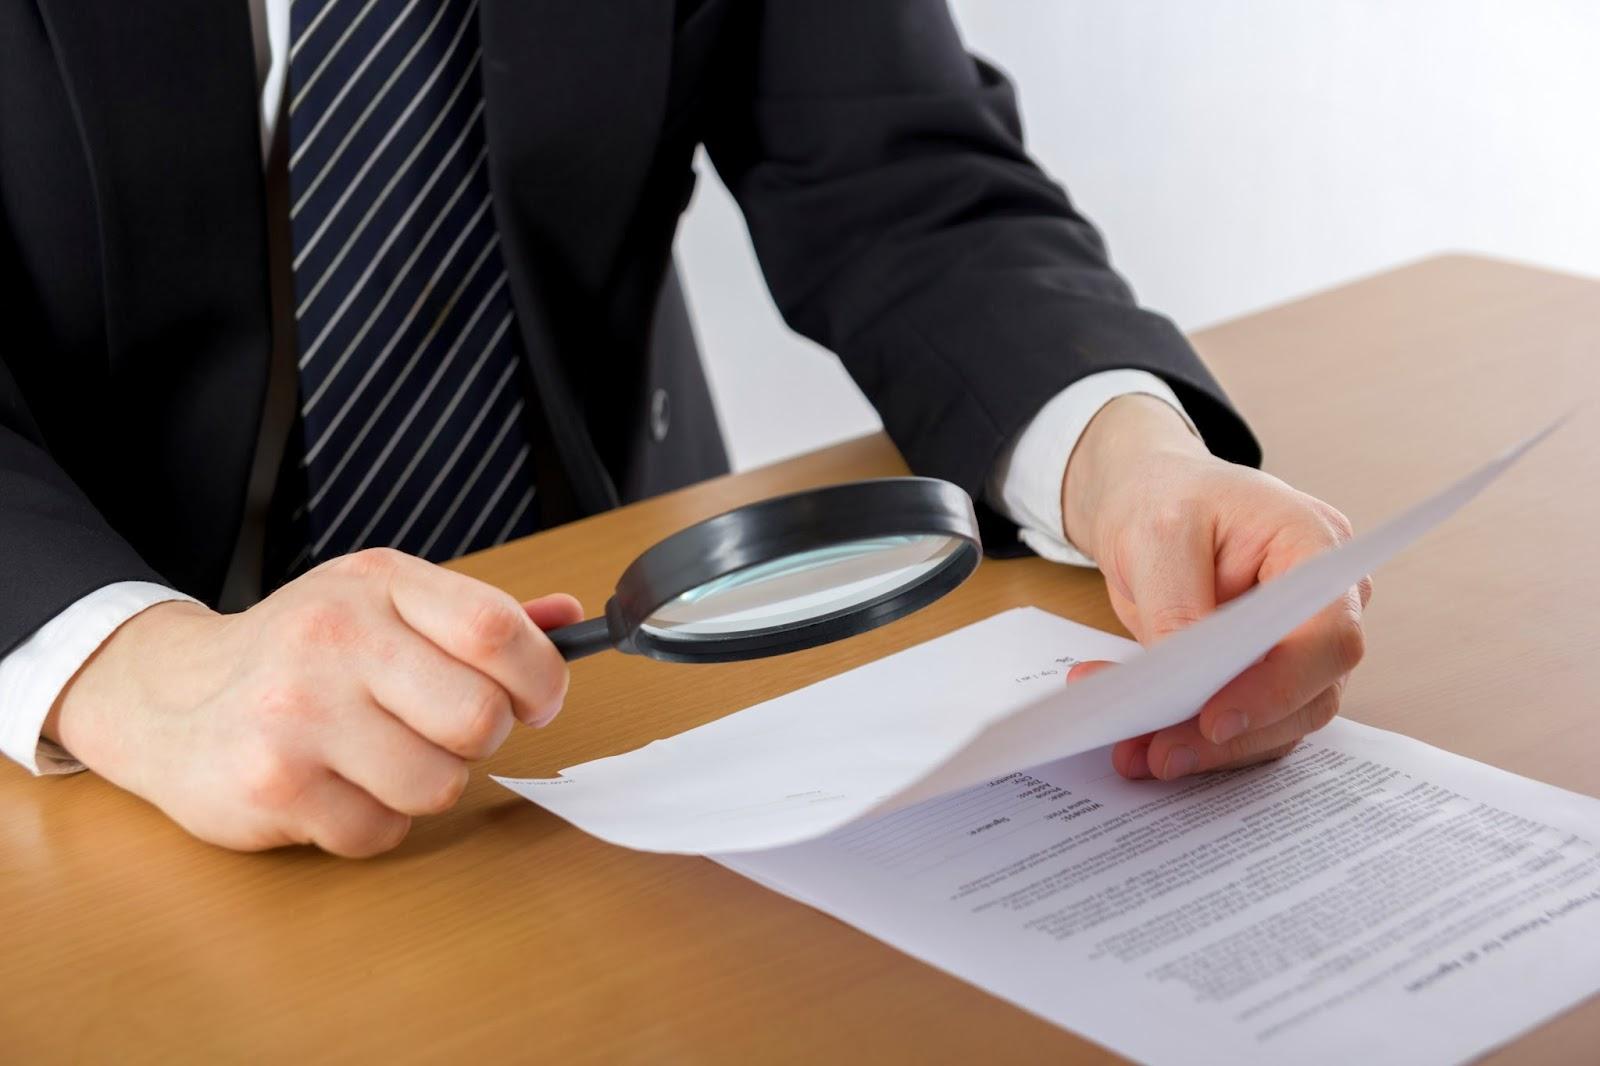 Nuevas consideraciones para la revisión de los dictámenes emitidos por contadores públicos